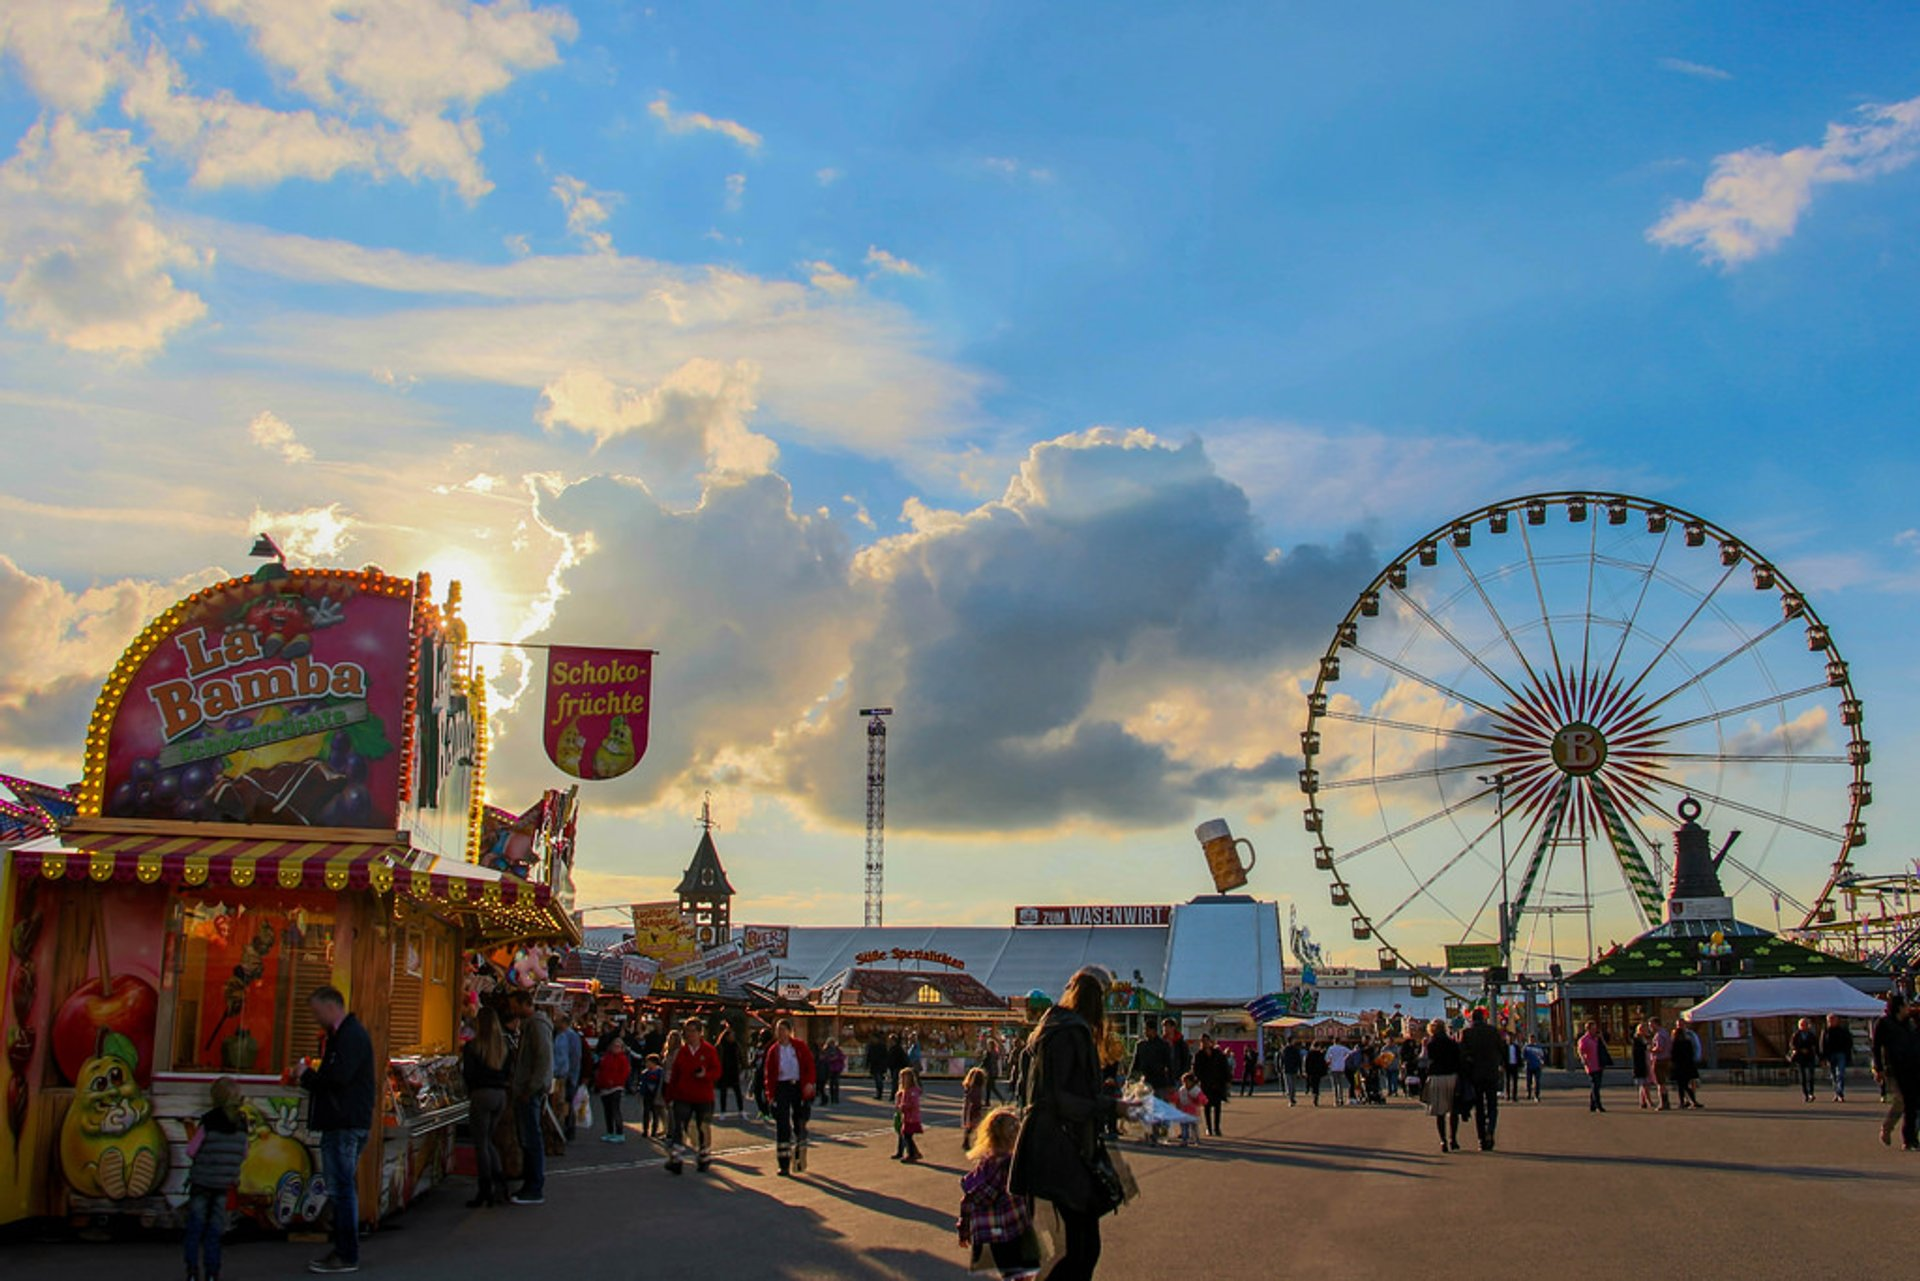 Frühlingsfest Stuttgart (Stuttgart Spring Festival) in Germany 2020 - Best Time